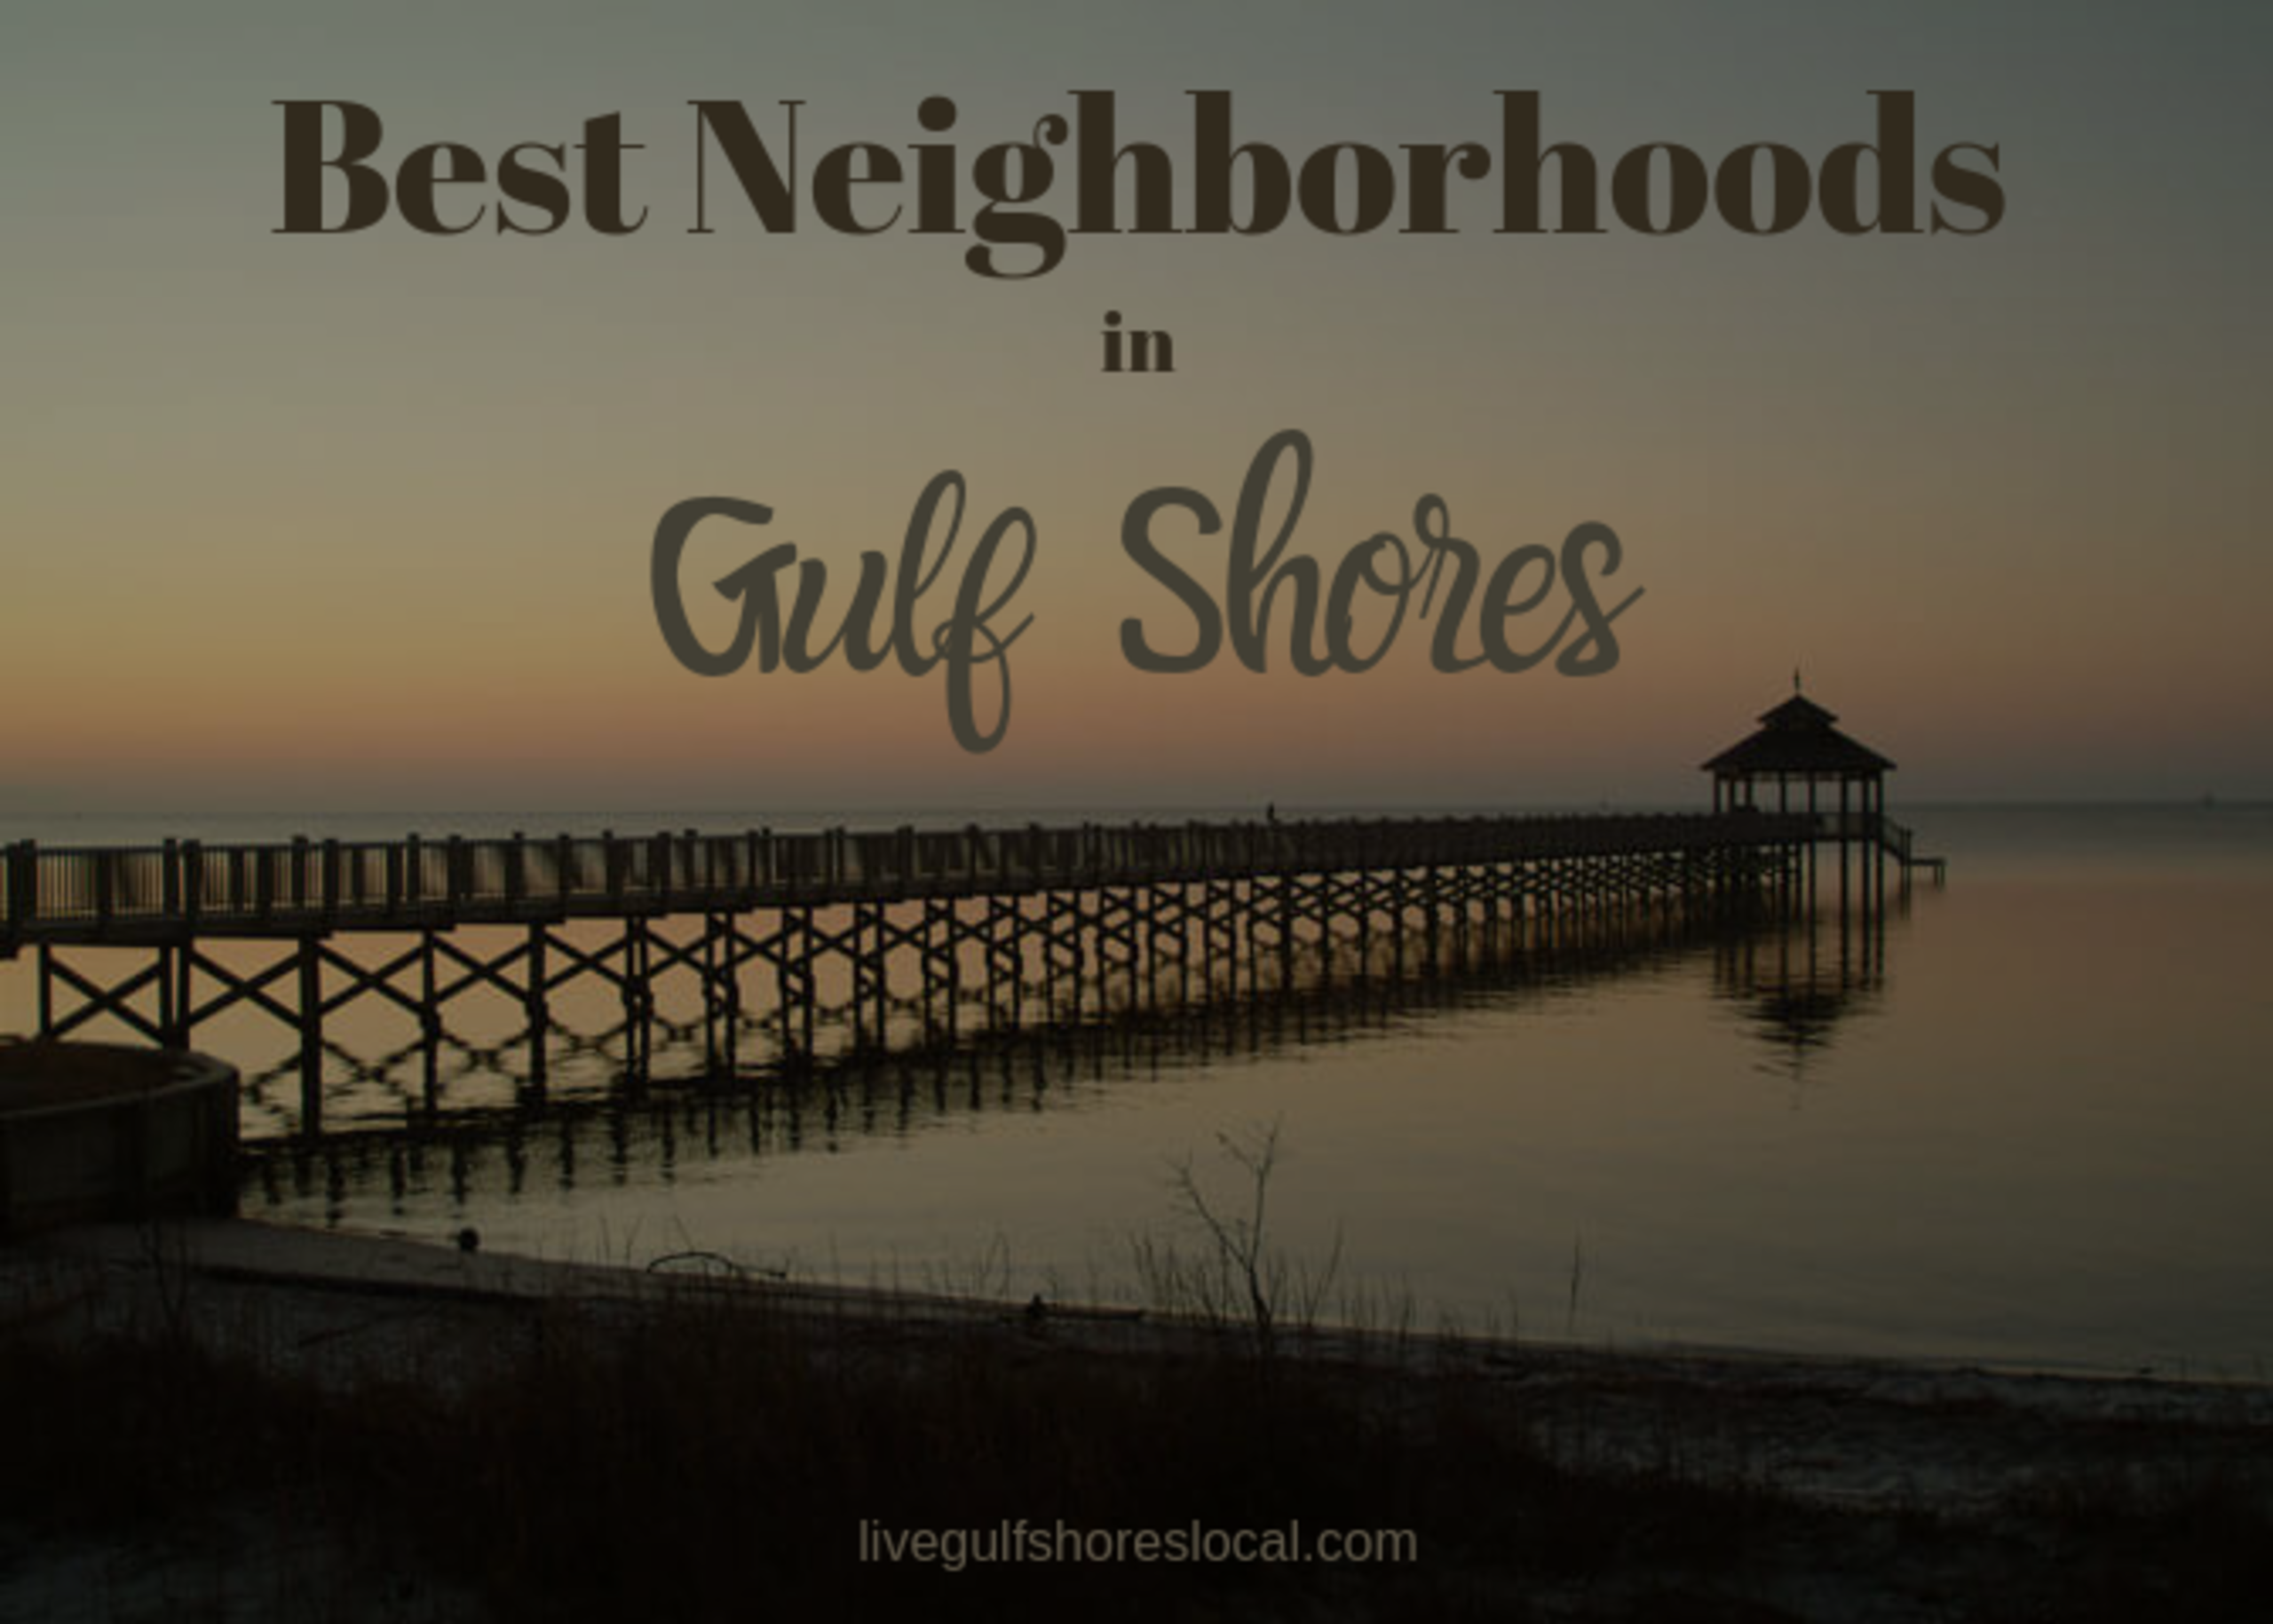 Best Neighborhoods in Gulf Shores – Spring 2019